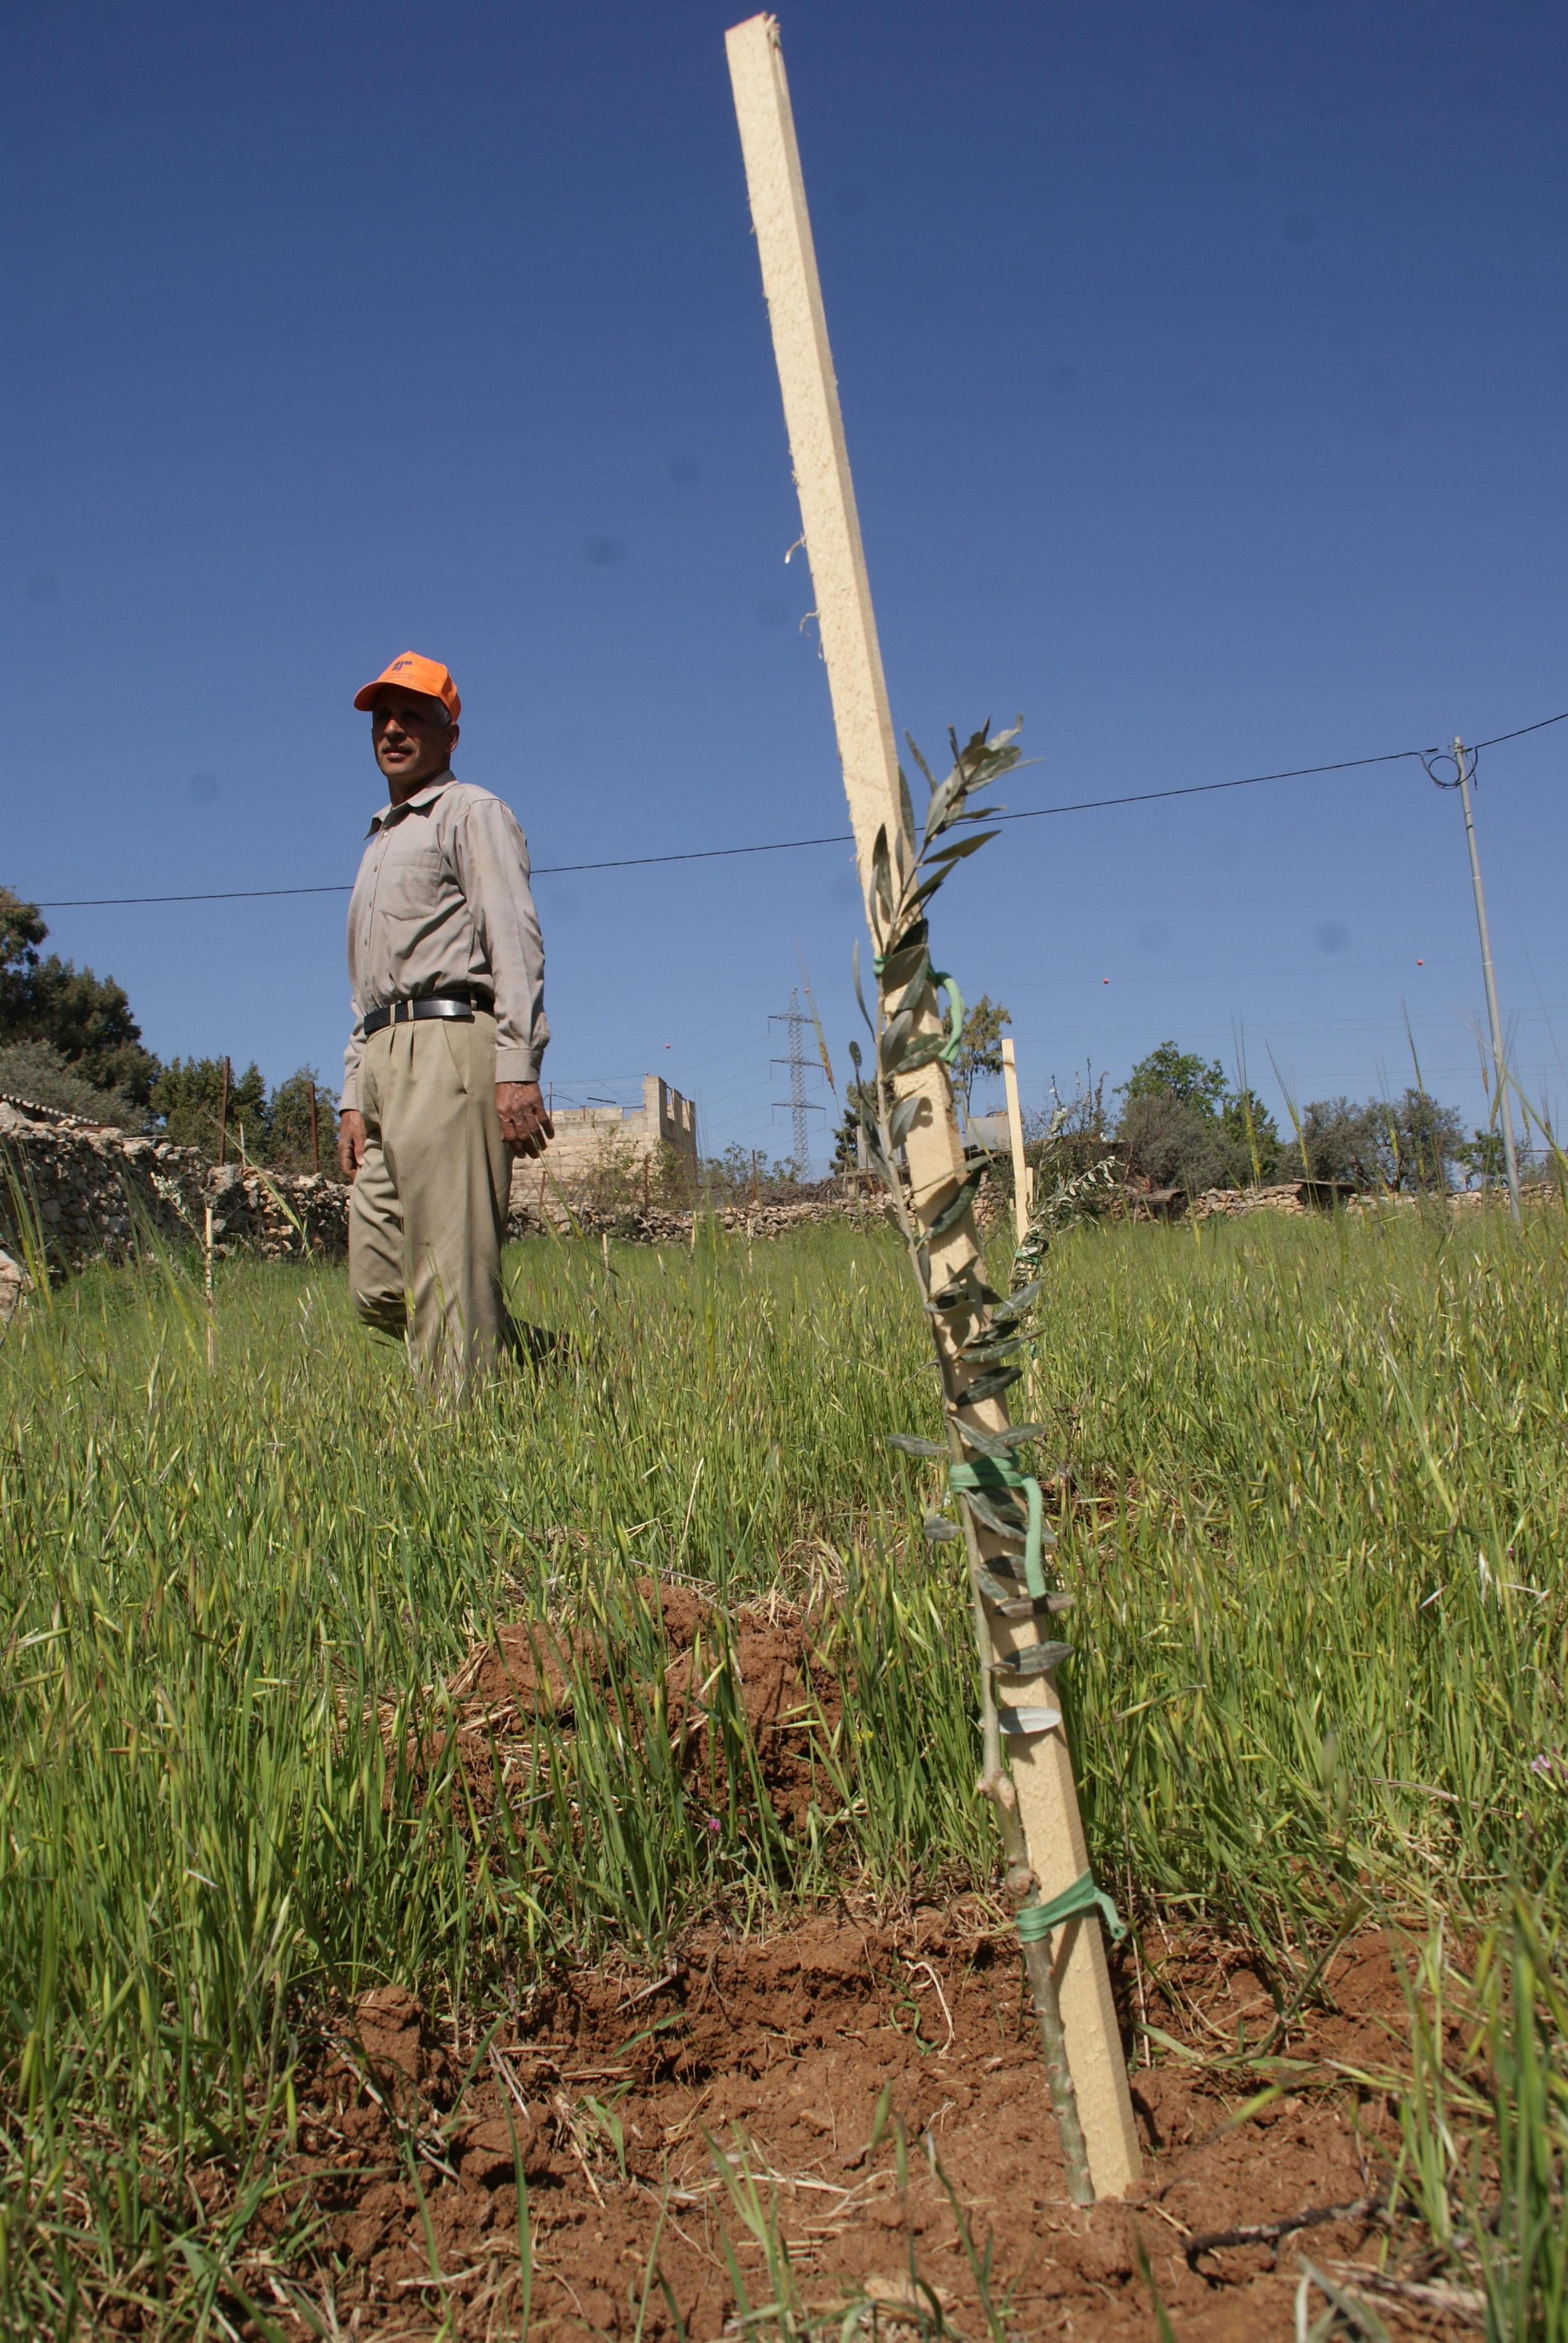 Een olijfboer kijkt naar het jonge boompje dat op zijn land is geplant